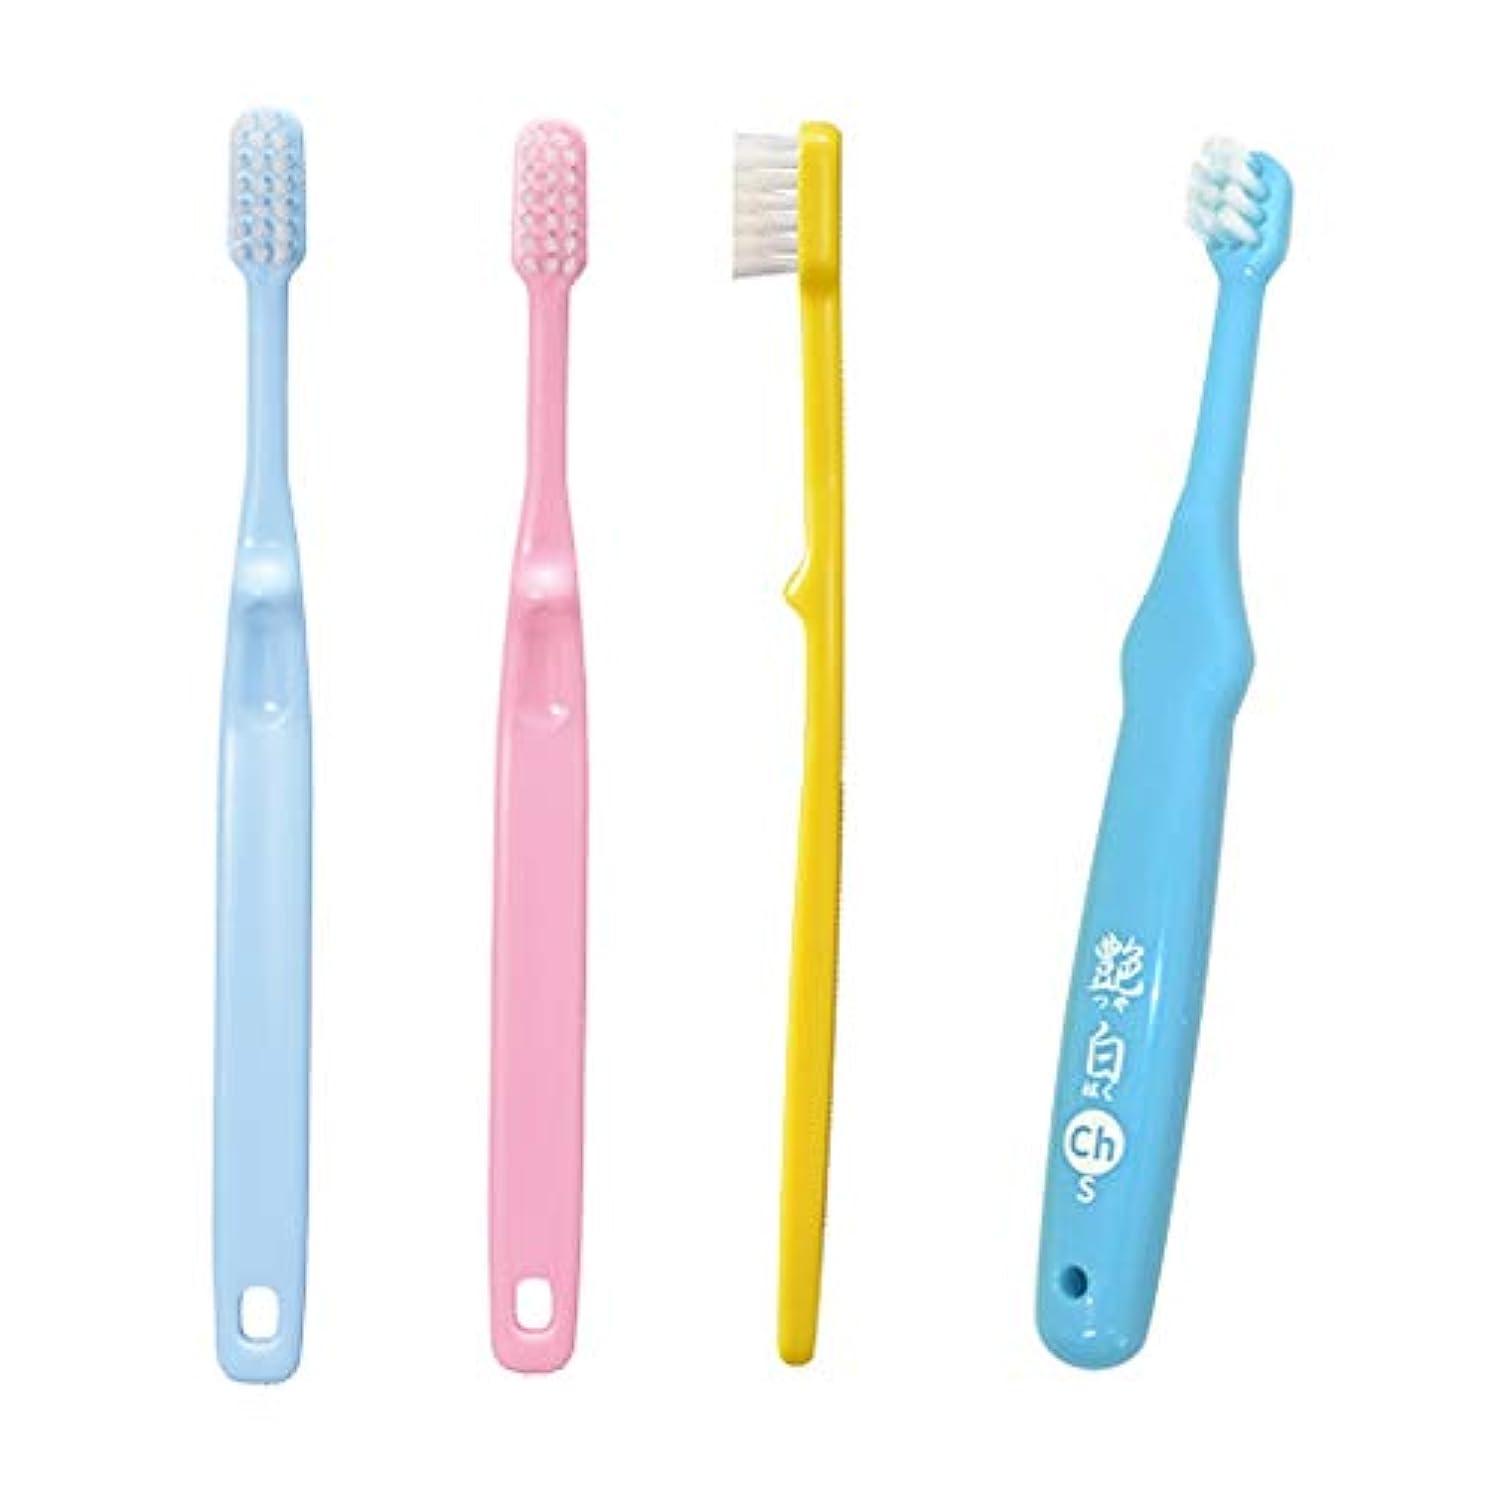 知っているに立ち寄る正規化影響Ci33(やわらかめ) 園児~小学生ミニサイズ 歯ブラシ×20本 + 艶白 子供用 乳歯列期 歯ブラシ 3歳~7歳用 S(やわらかめ) 1本 歯科医院取扱品…